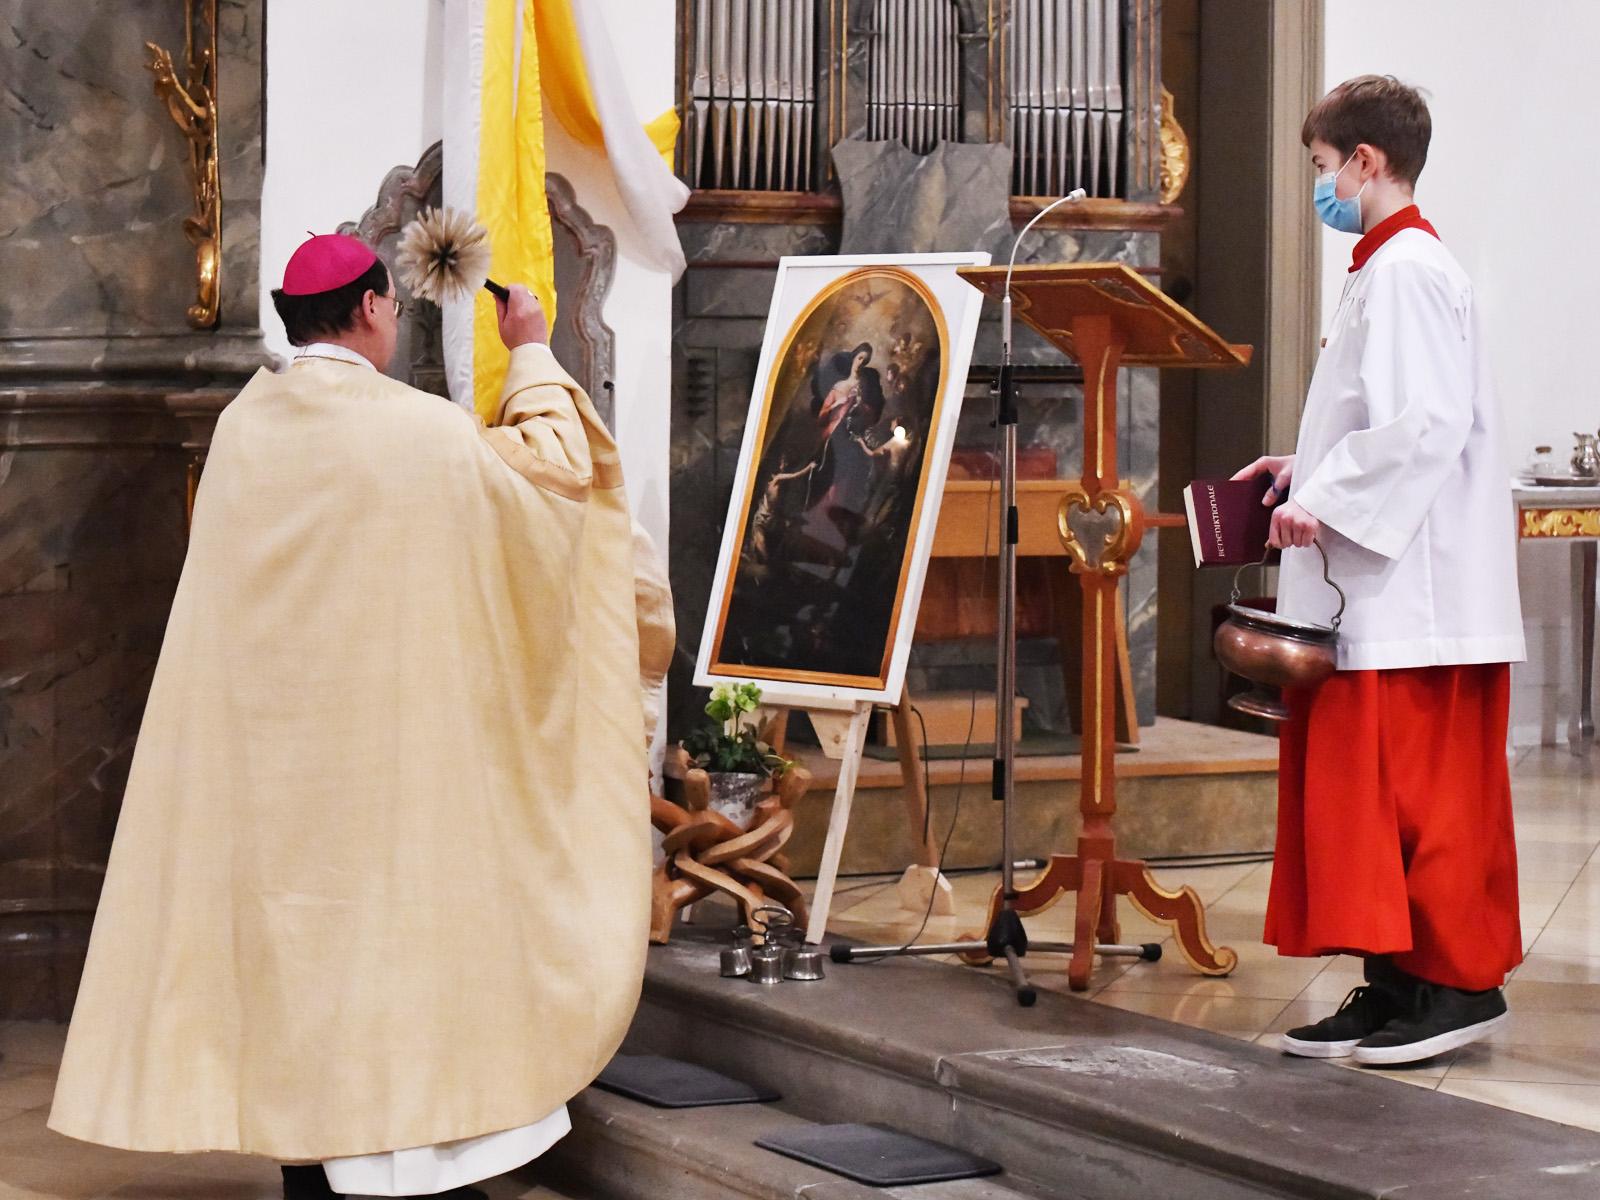 Bischof Bertram segnet ein Bild der Maria Knotenlöserin für den neuen Konvent